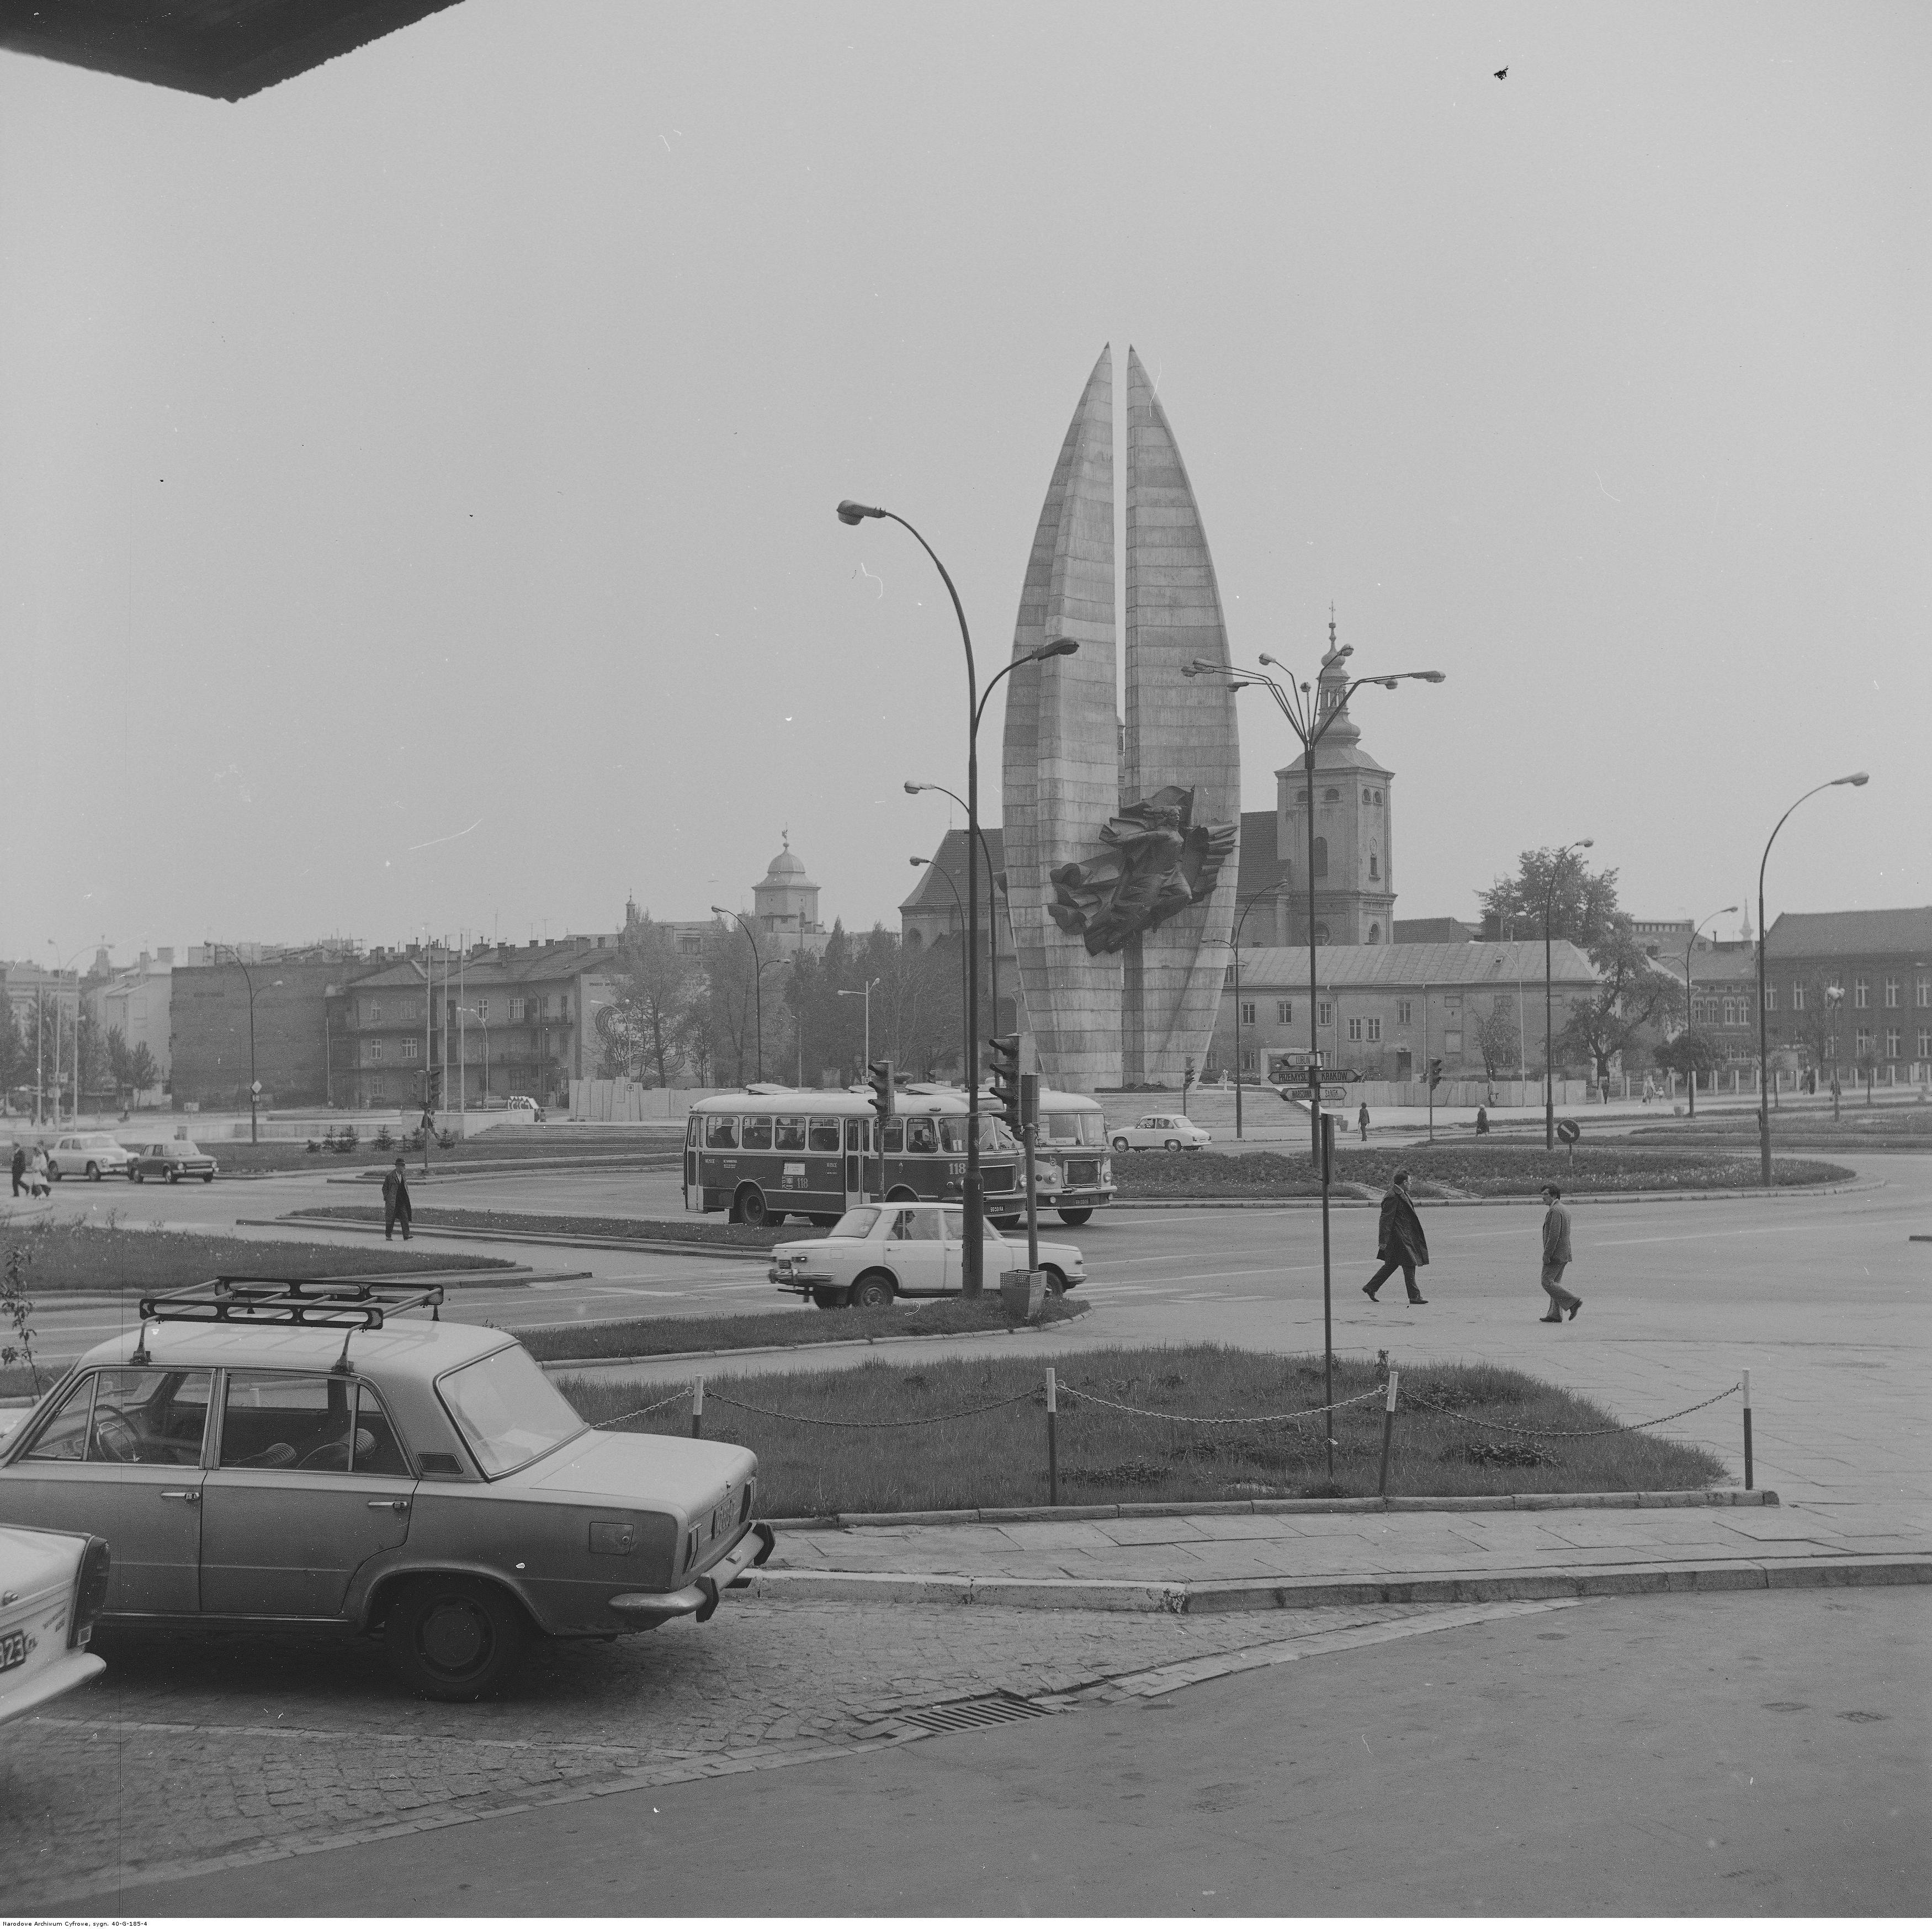 Pomnik Czynu Rewolucyjnego w Rzeszowie (w oddali). Widoczne także samochody Fiat 125 p (z lewej) i Wartburg 353 (za słupem). Widoczne także autobusy San H100B i San H100A, rok 1974-05-12